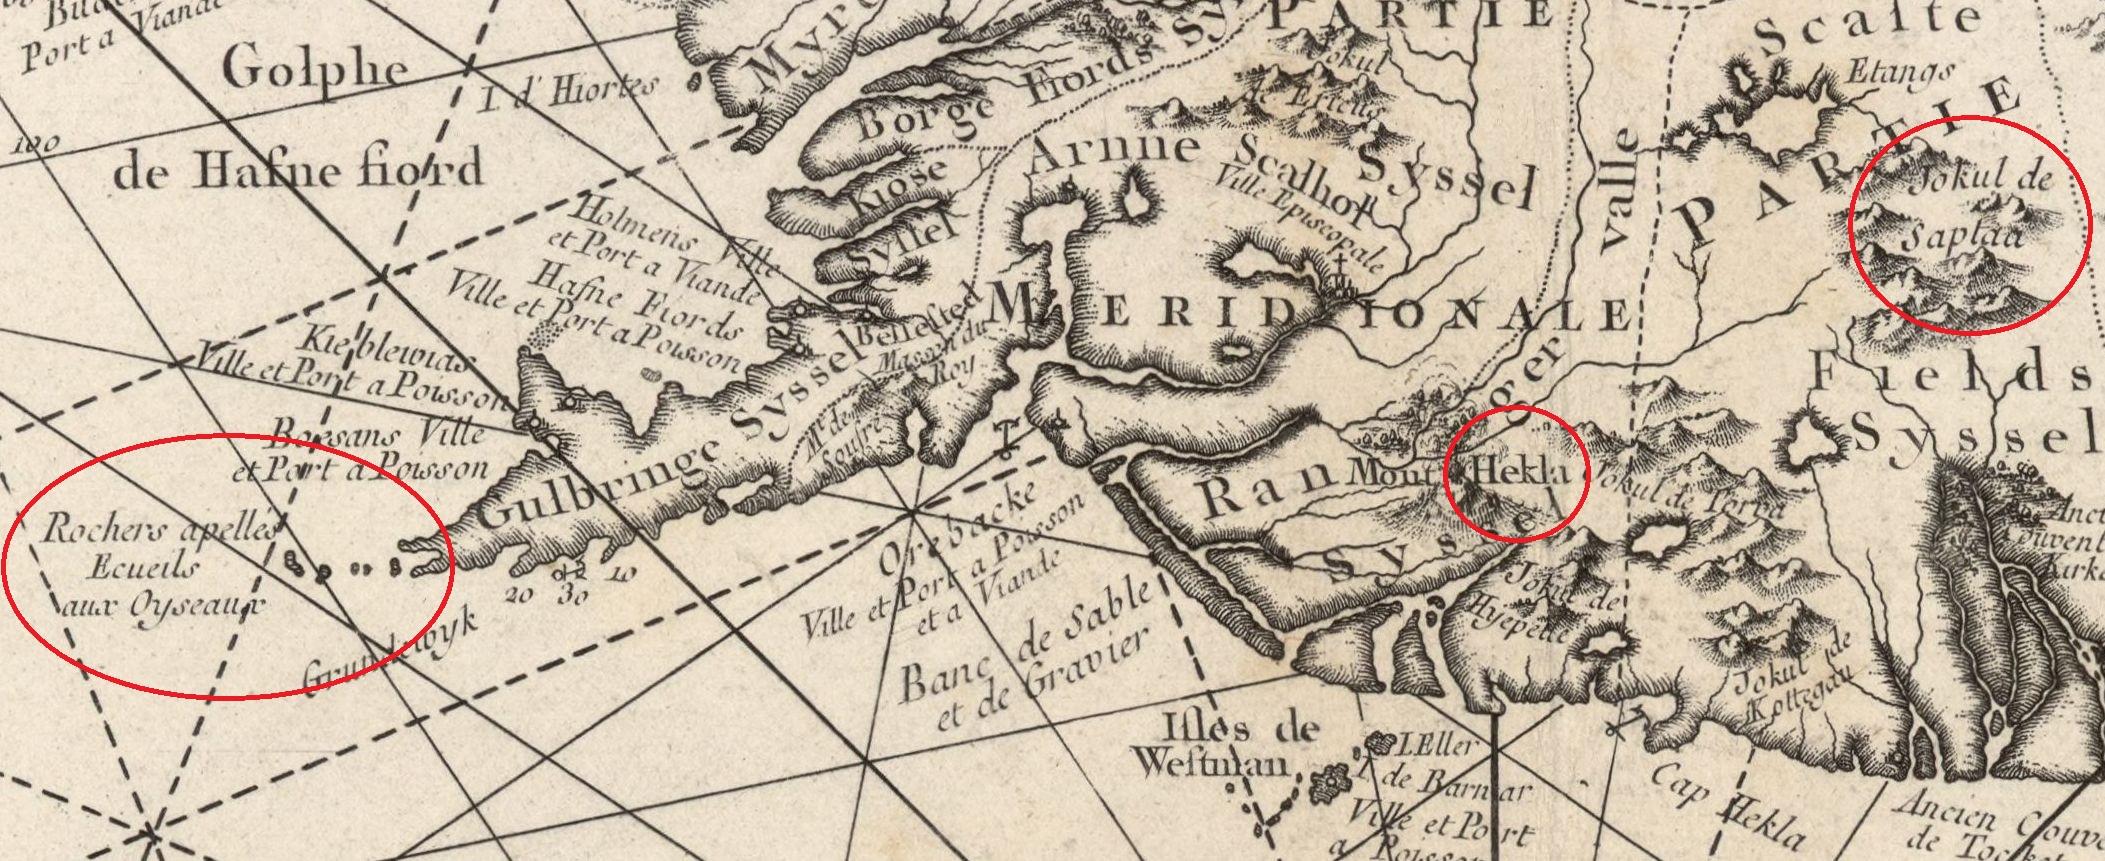 Carte ancienne de l'Islande